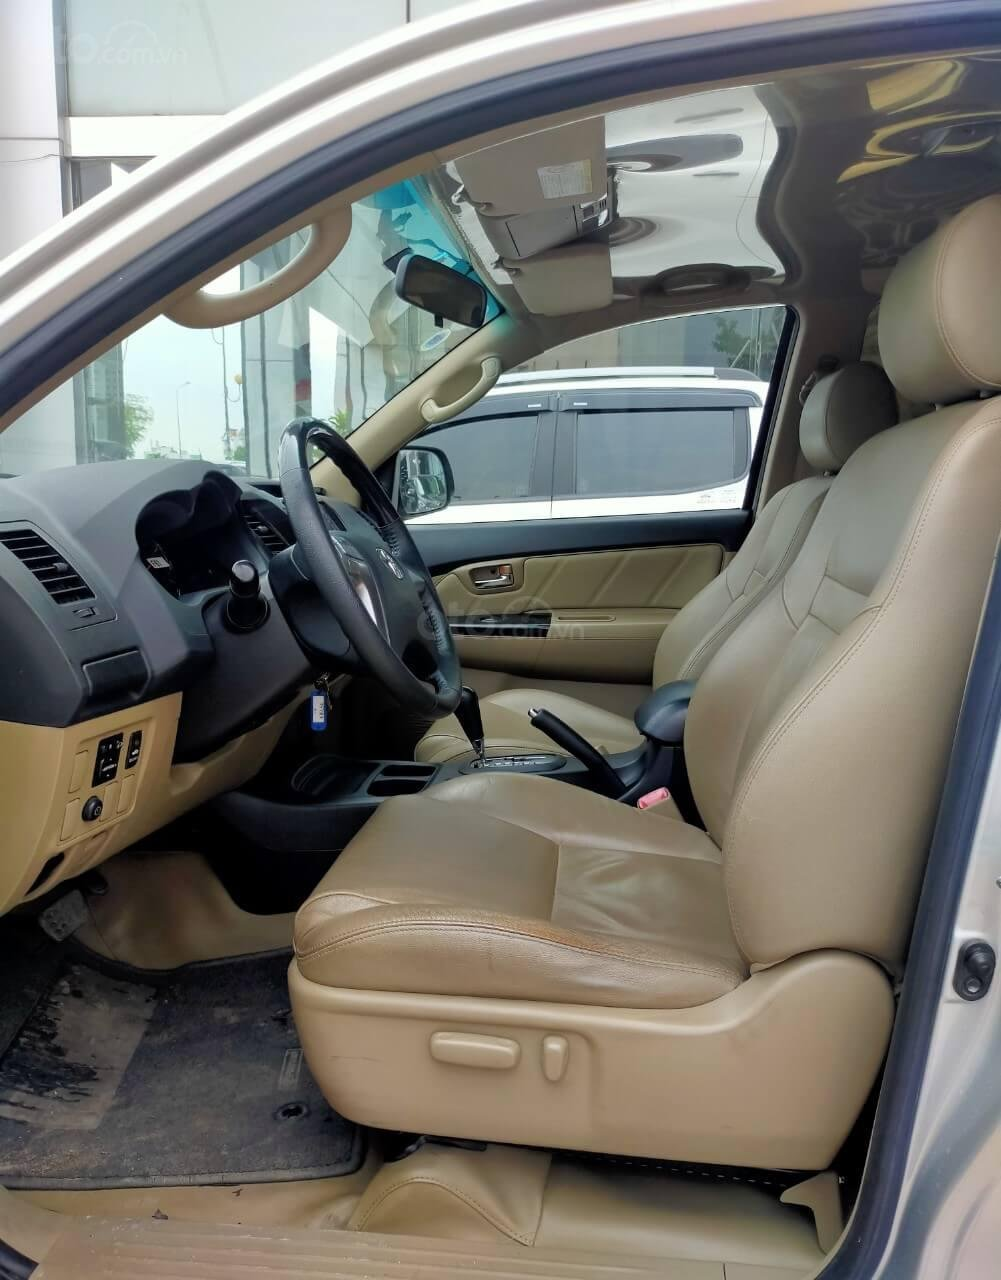 Toyota Fortuner 2.7V AT 2016 xe bán chính hãng (9)